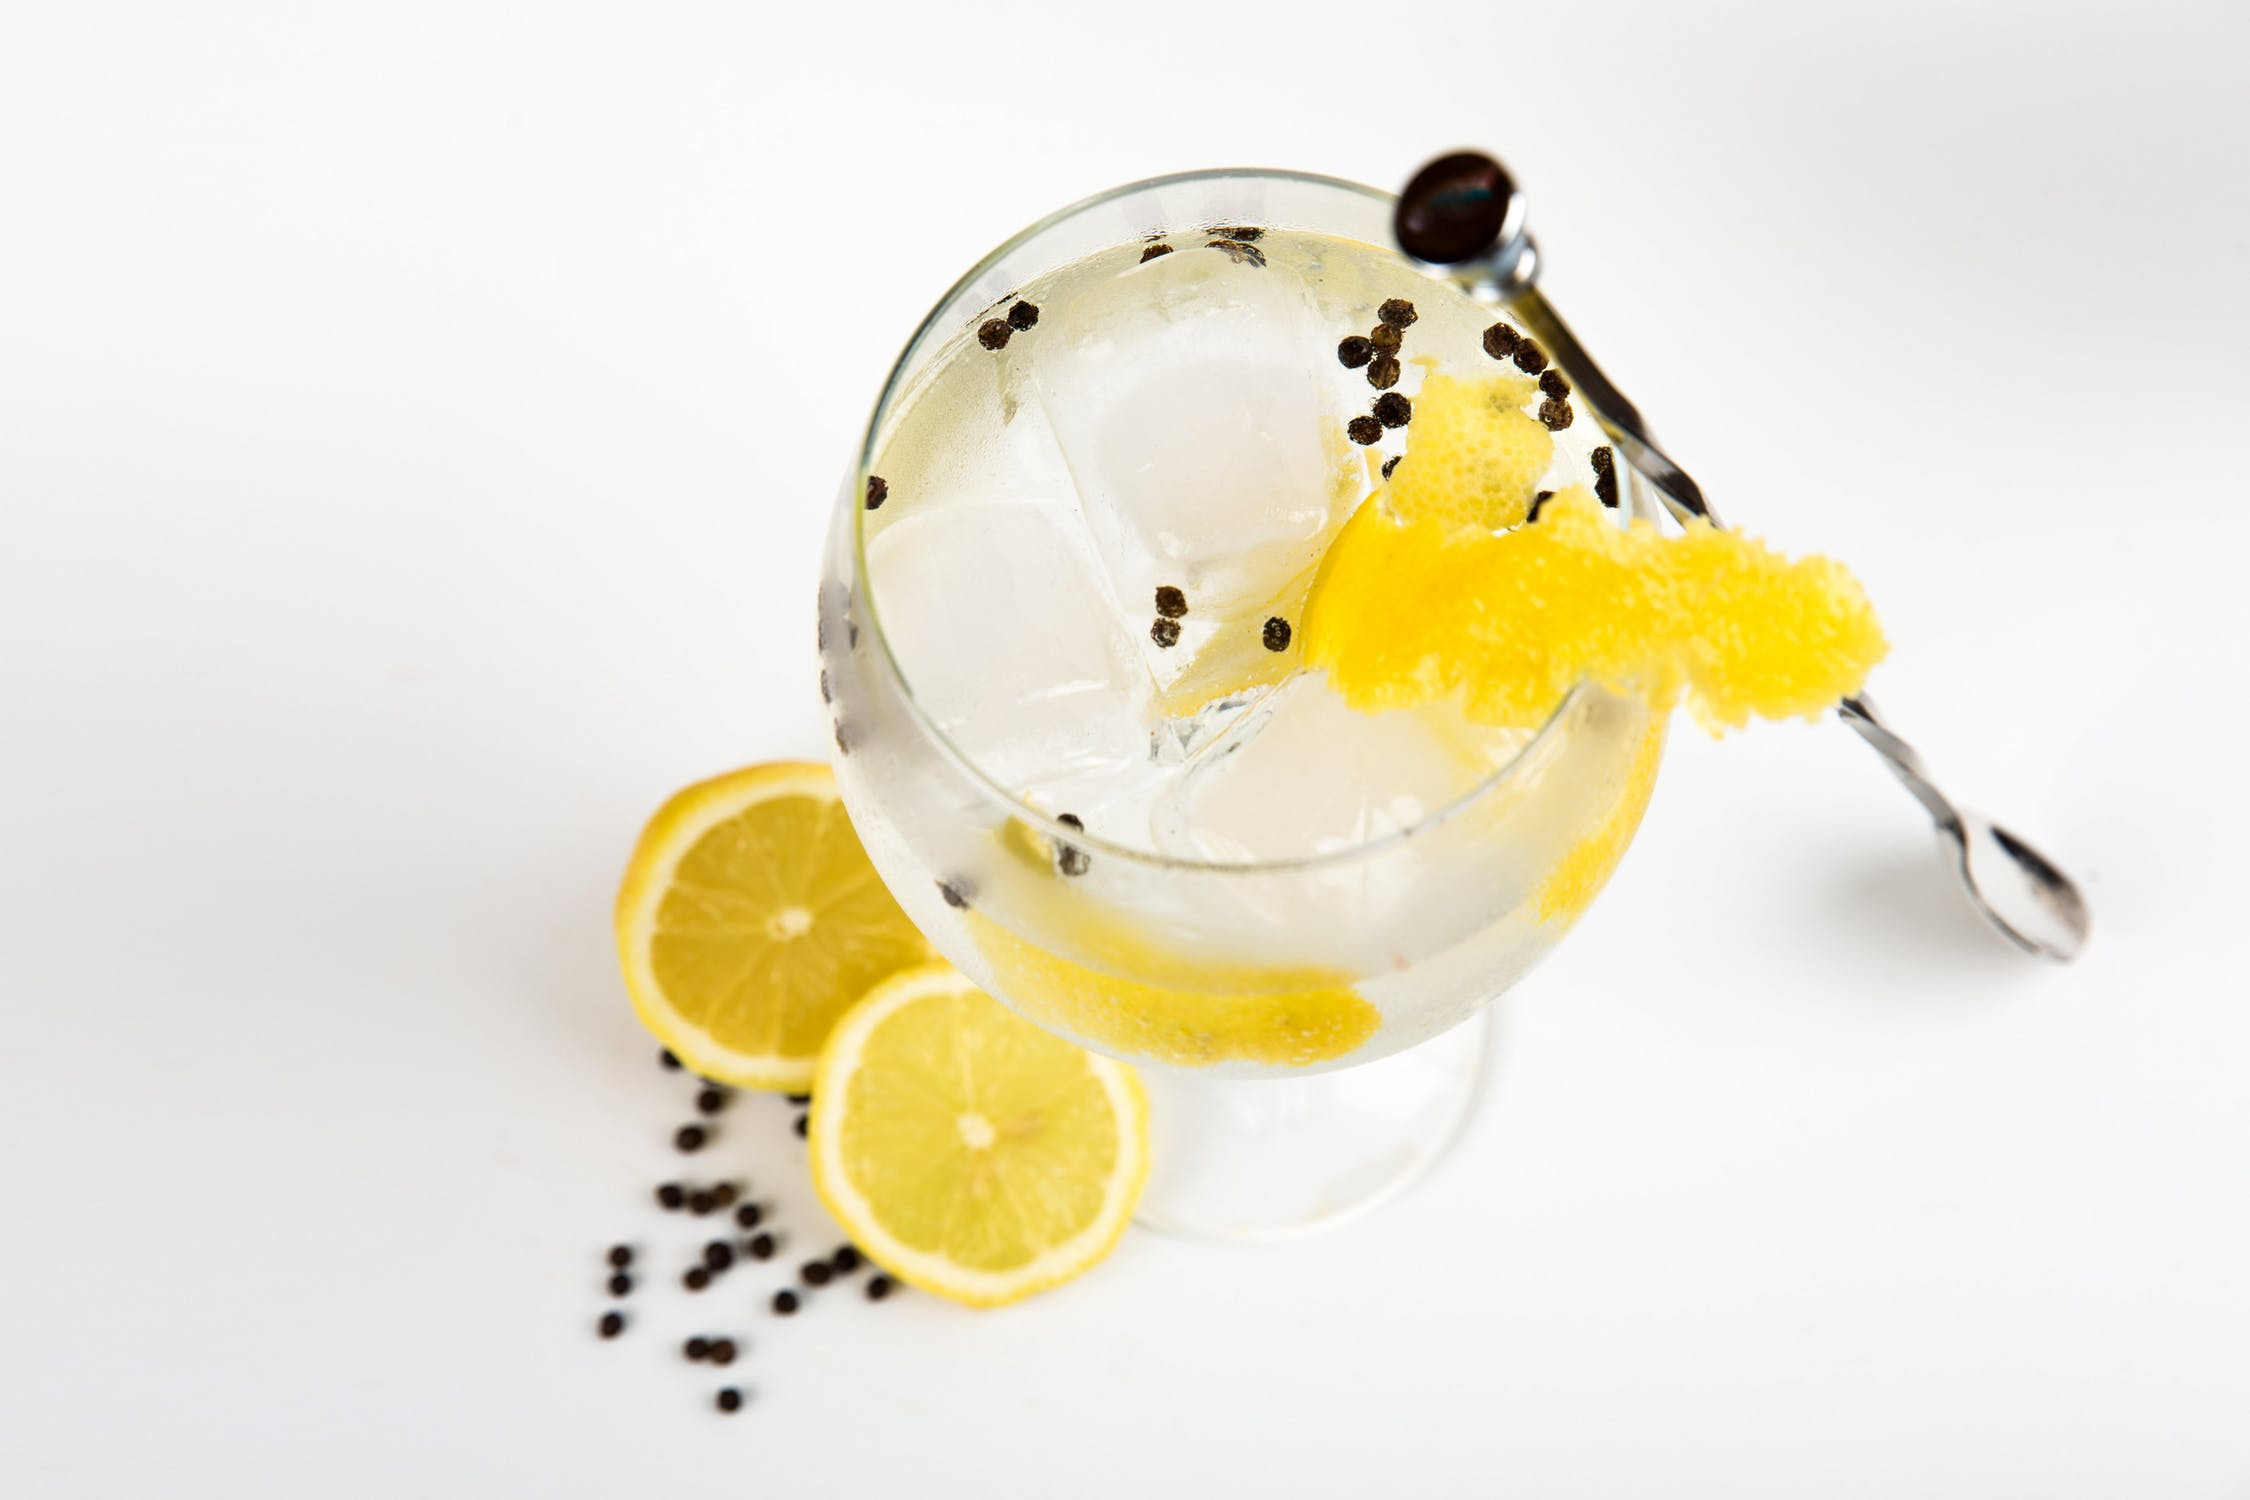 Bliv klogere på gin og dens brug